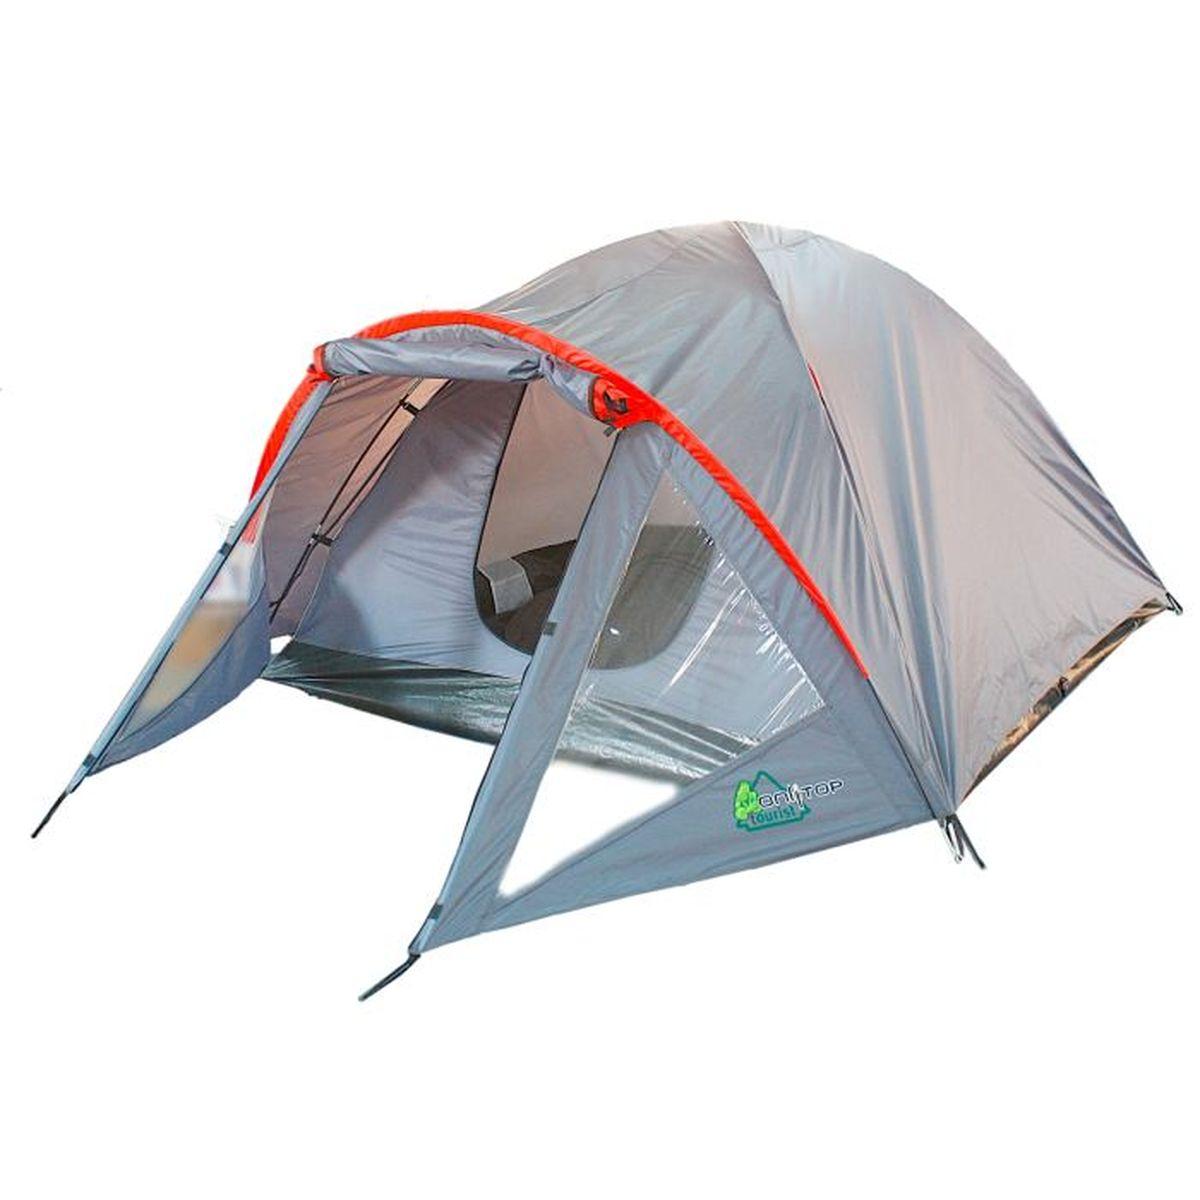 Палатка туристическая Onlitop DISCOVERY 2, цвет: серый776300Если вы заядлый турист или просто любитель природы, вы хоть раз задумывались о ночёвке на свежем воздухе. Чтобы провести это время с комфортом, вам понадобится отличная палатка, такая как DISCOVERY. Она обеспечит безопасный досуг и защитит от непогоды и насекомых. Дополнительным преимуществом данной модели является тамбур, с помощью которого вы можете сэкономить пространство и разместить вещи. Ткань рипстоп гарантирует длительную эксплуатацию палатки за счёт высокой прочности материала.